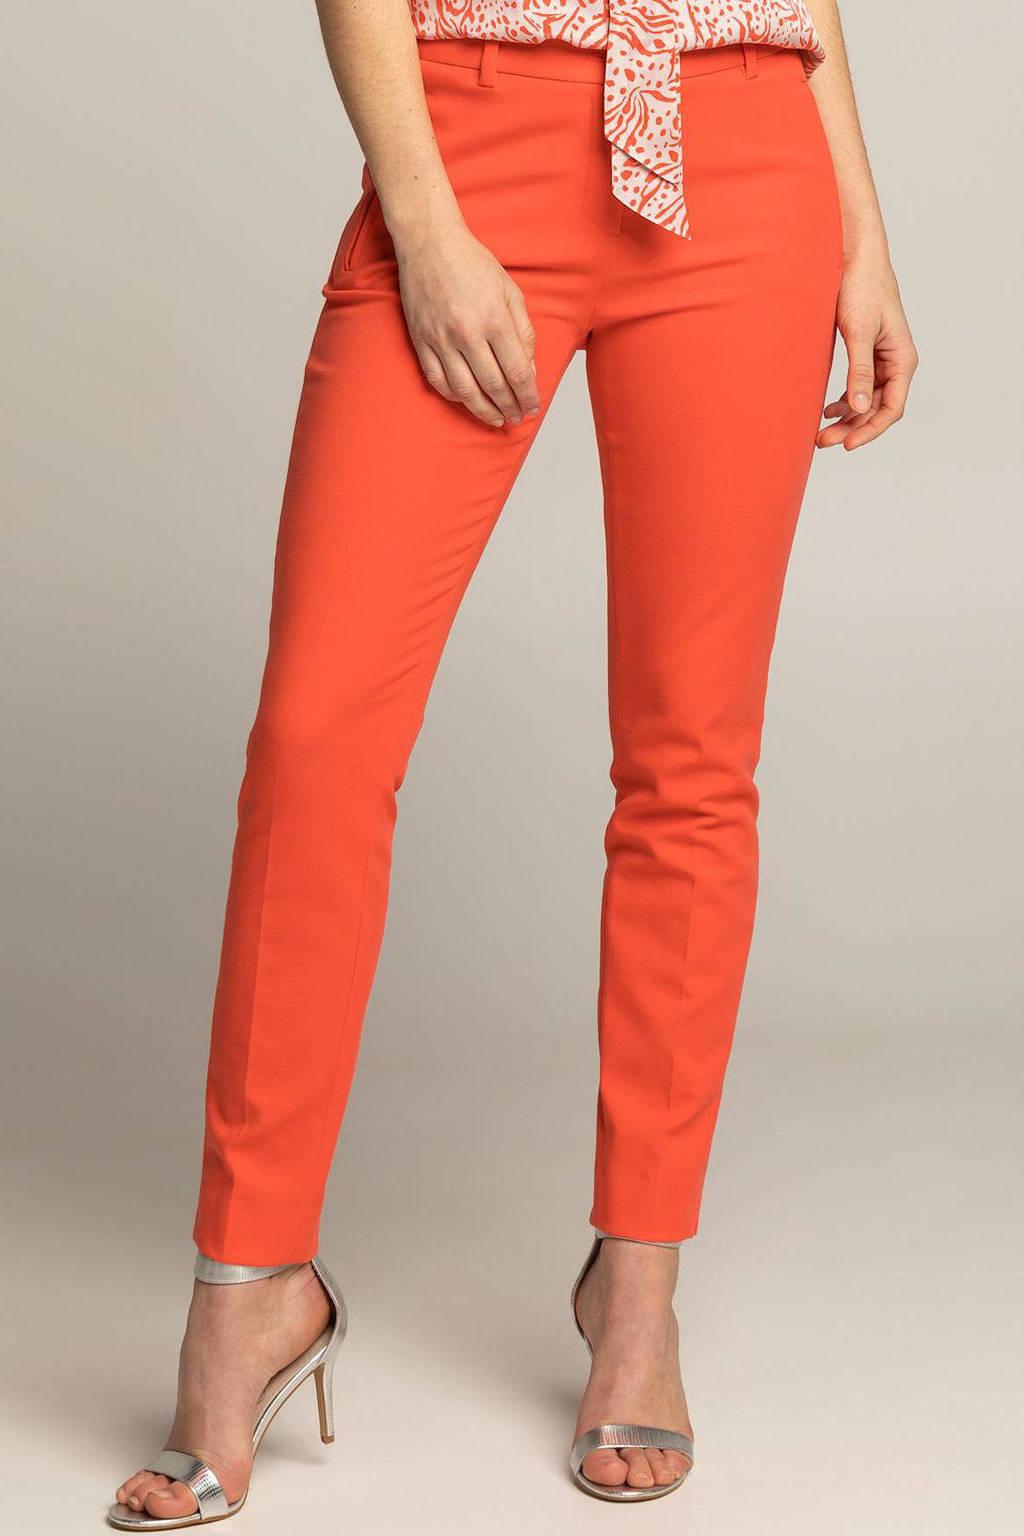 Expresso slim fit pantalon DFREYA koraalrood, Koraalrood